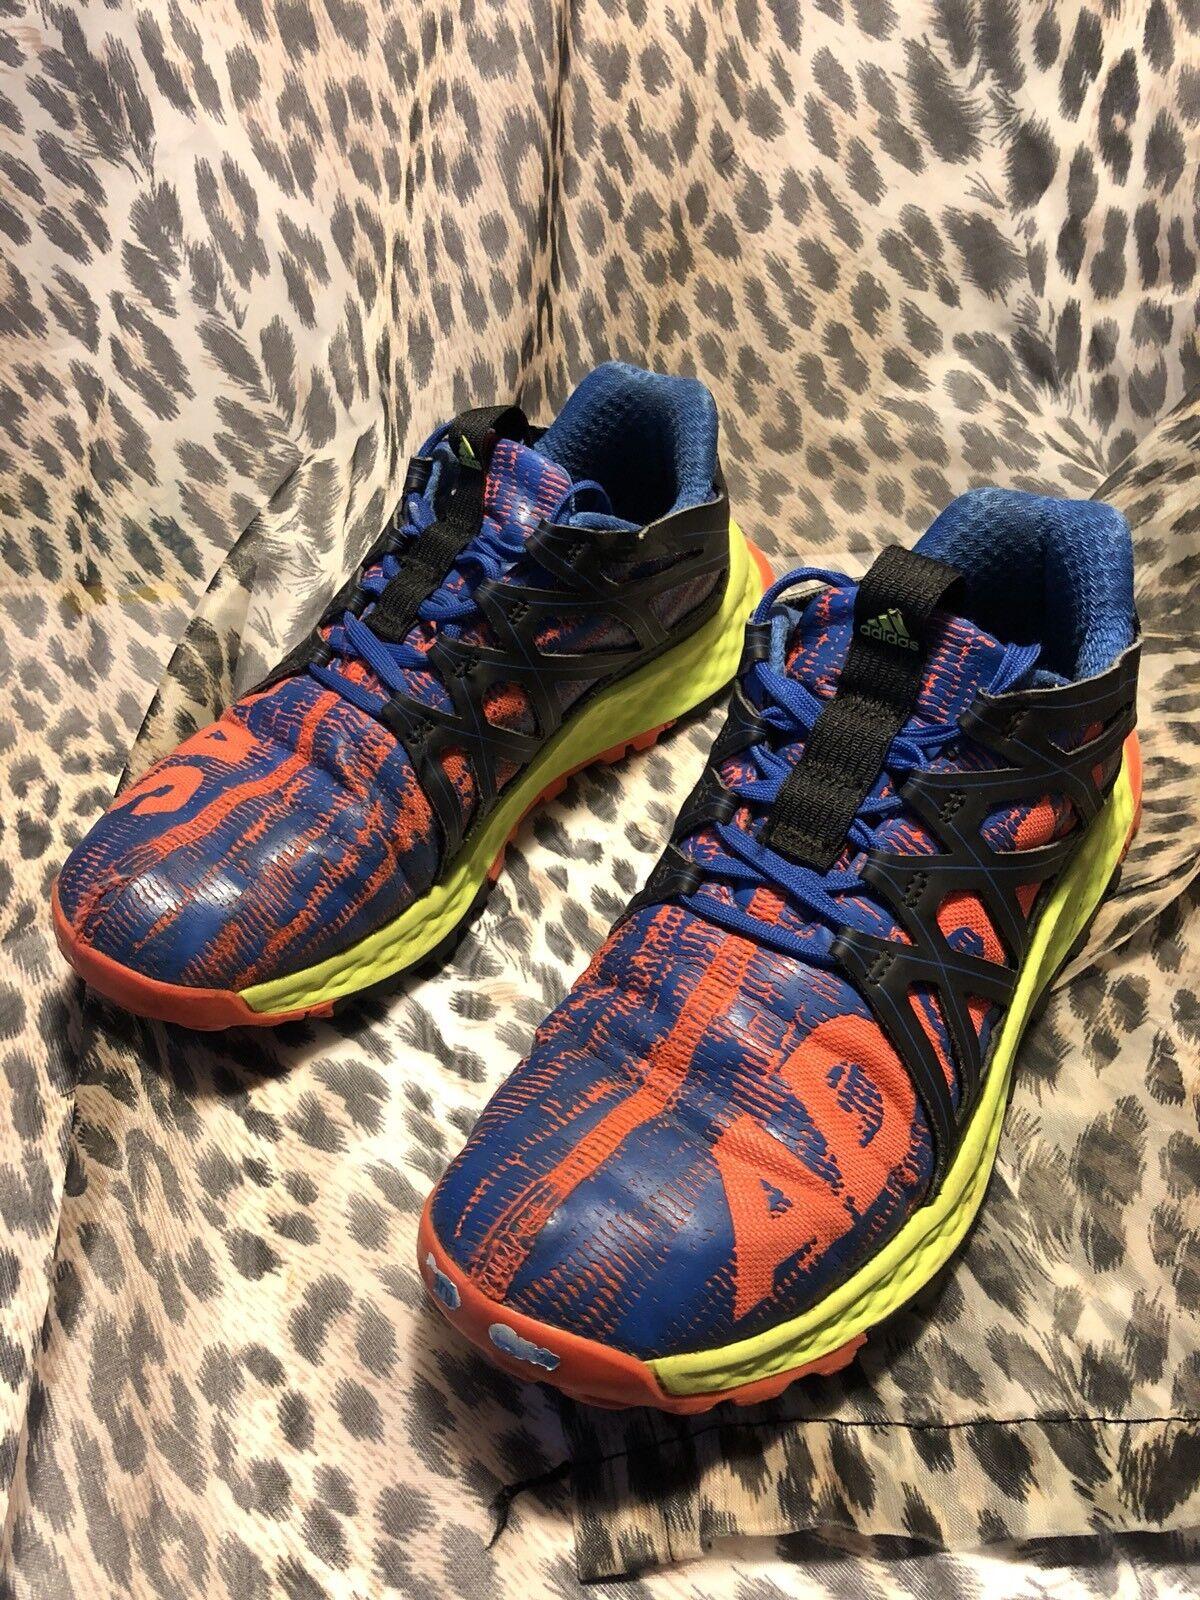 adidas vigor bounce hommes est orange / bleu / marché néon, à l'aise bon marché / et belle mode 56554e